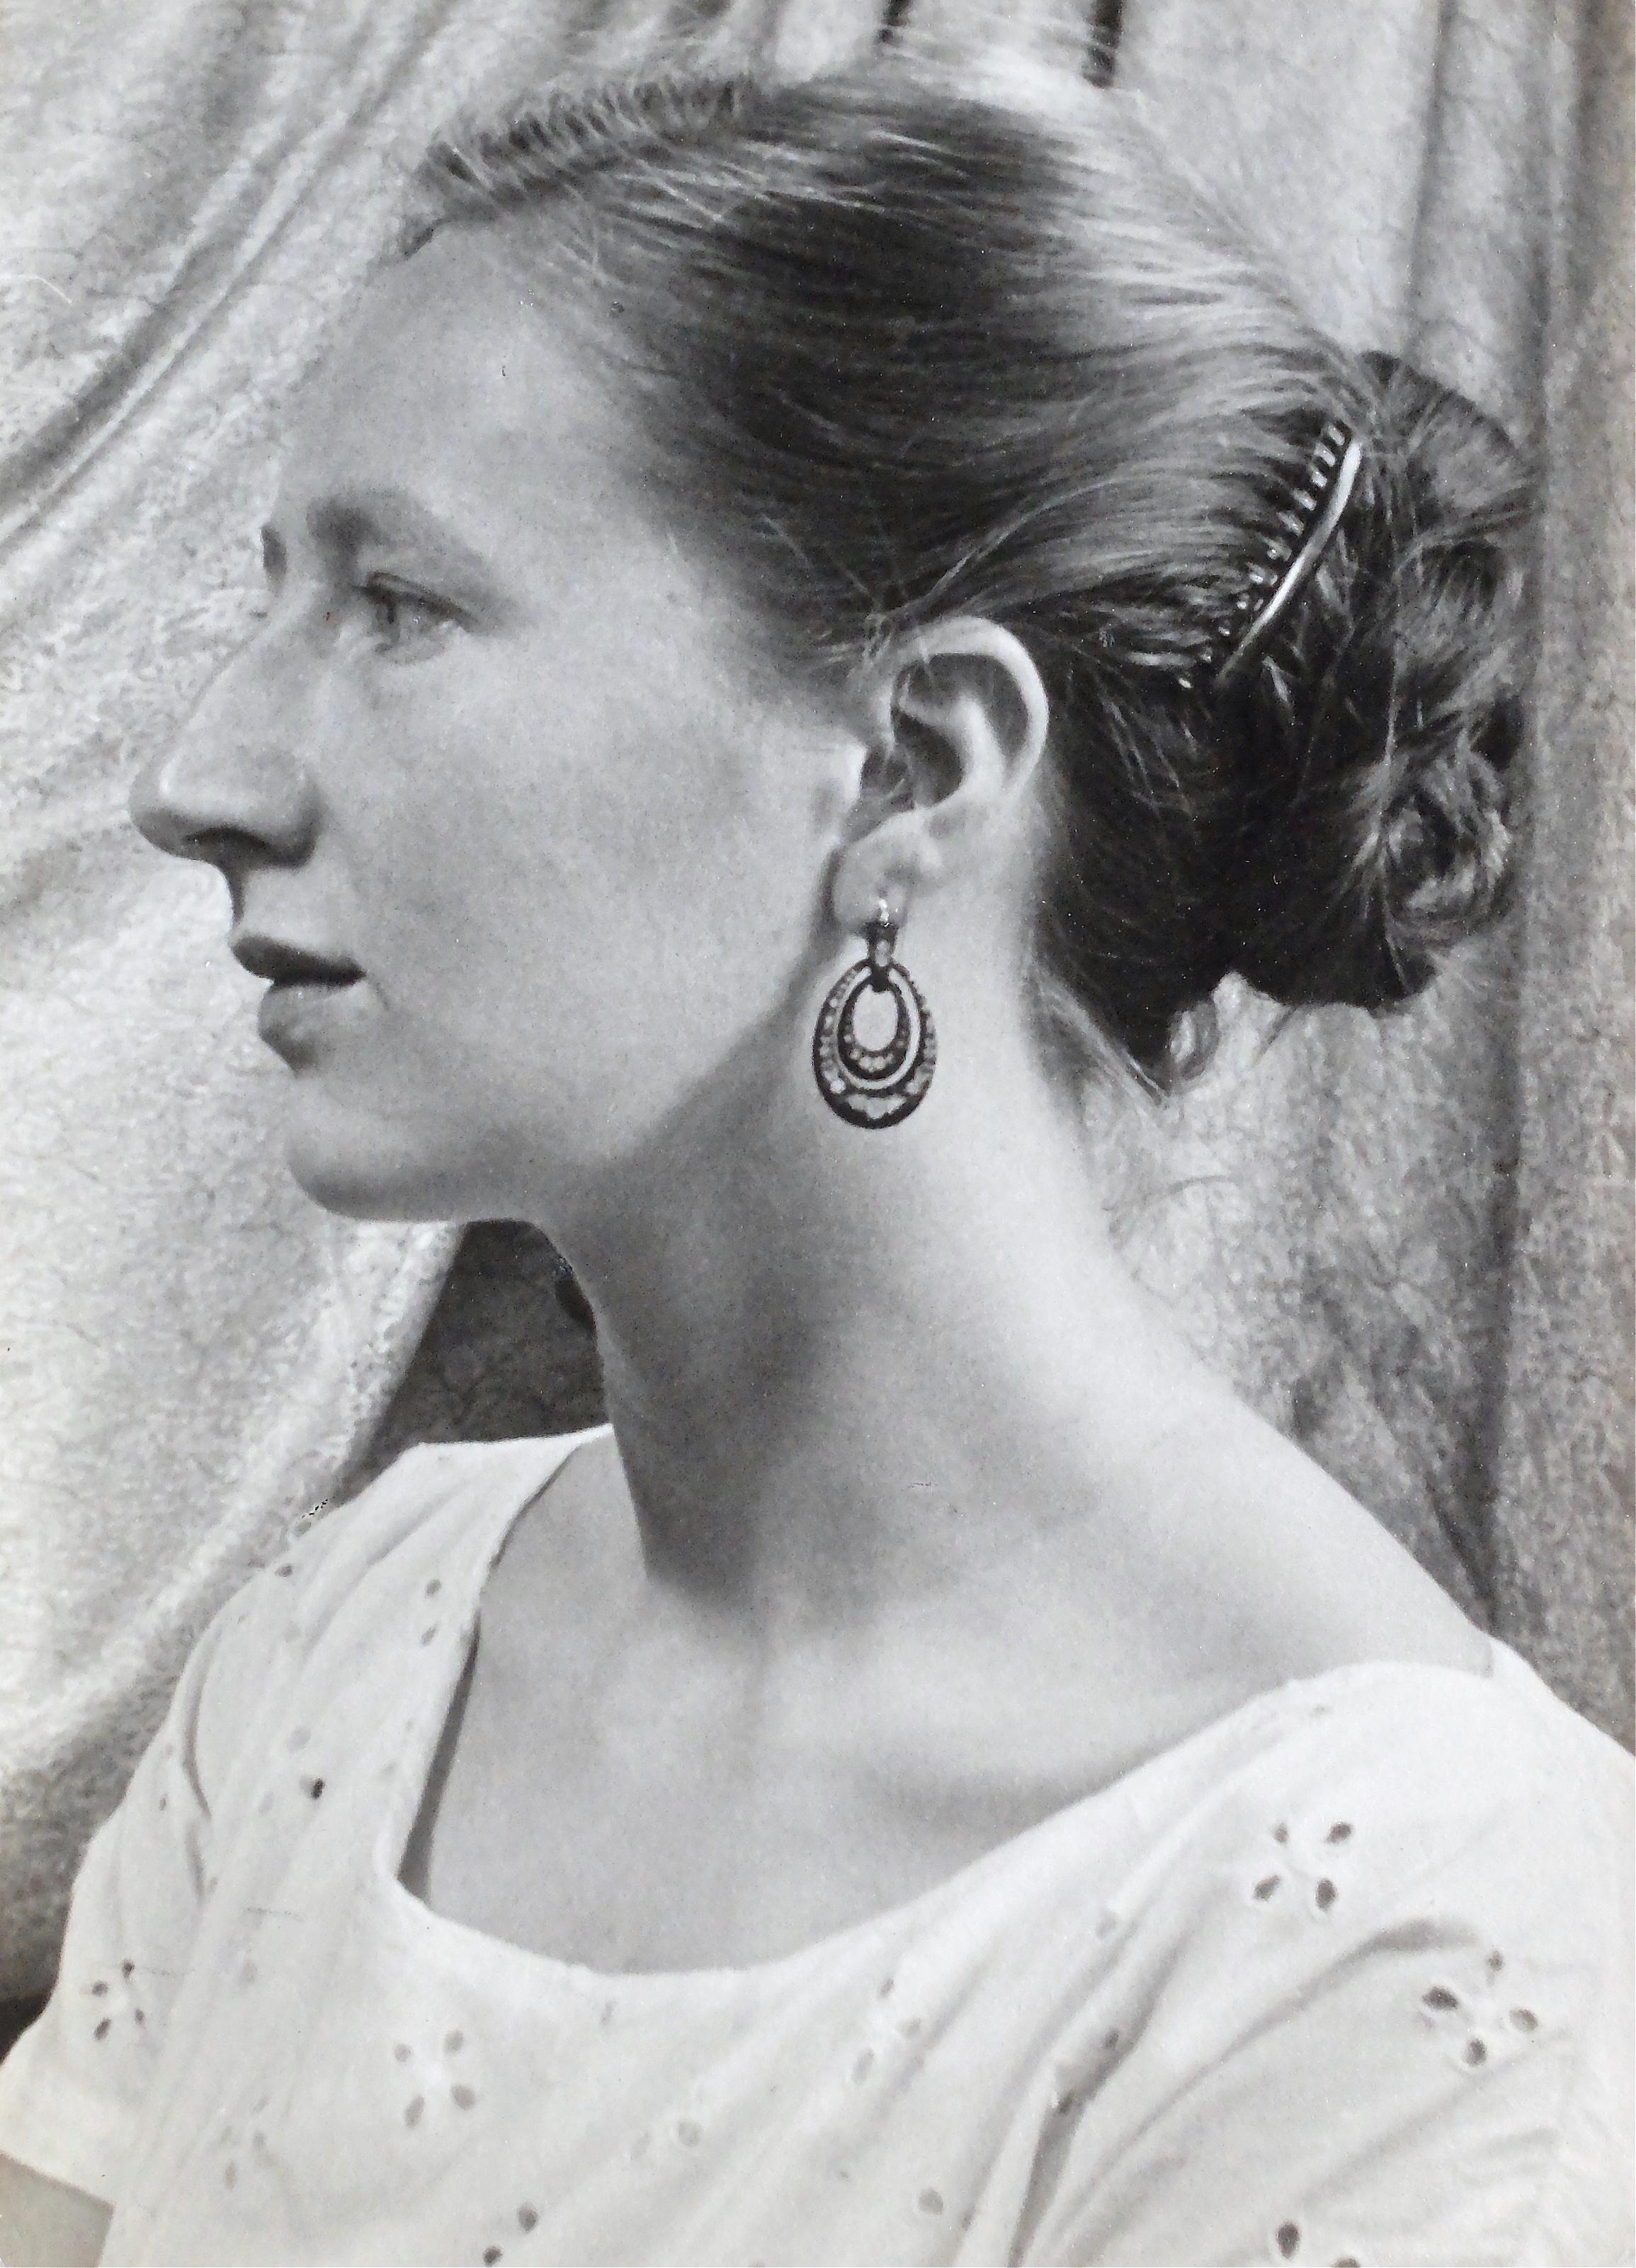 Mariko Denda